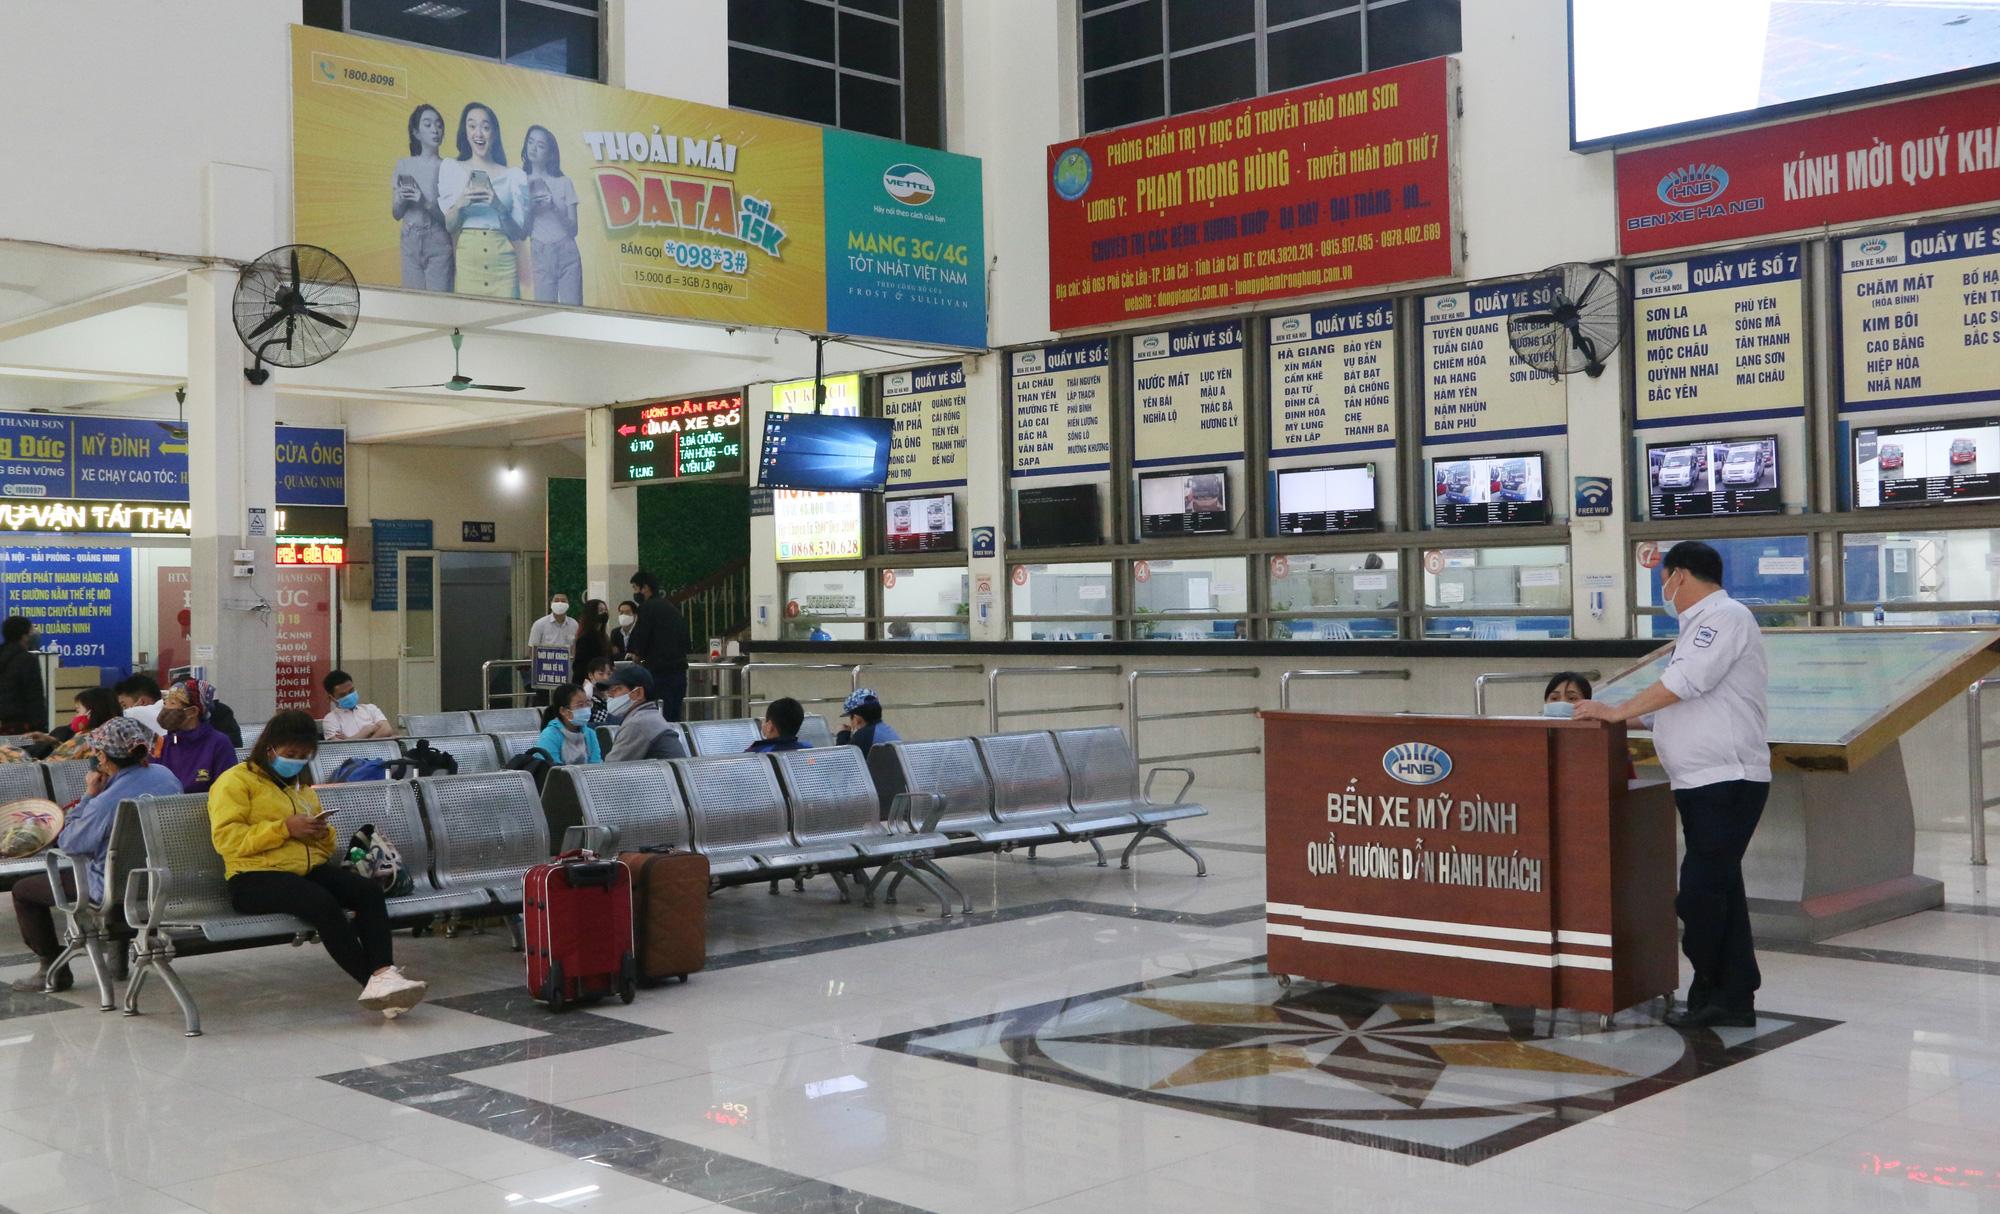 Cảnh vắng lặng ở ga tàu, bến xe Hà Nội: Nhiều chuyến xe rời bến chỉ mình tài xế, không hành khách - Ảnh 3.